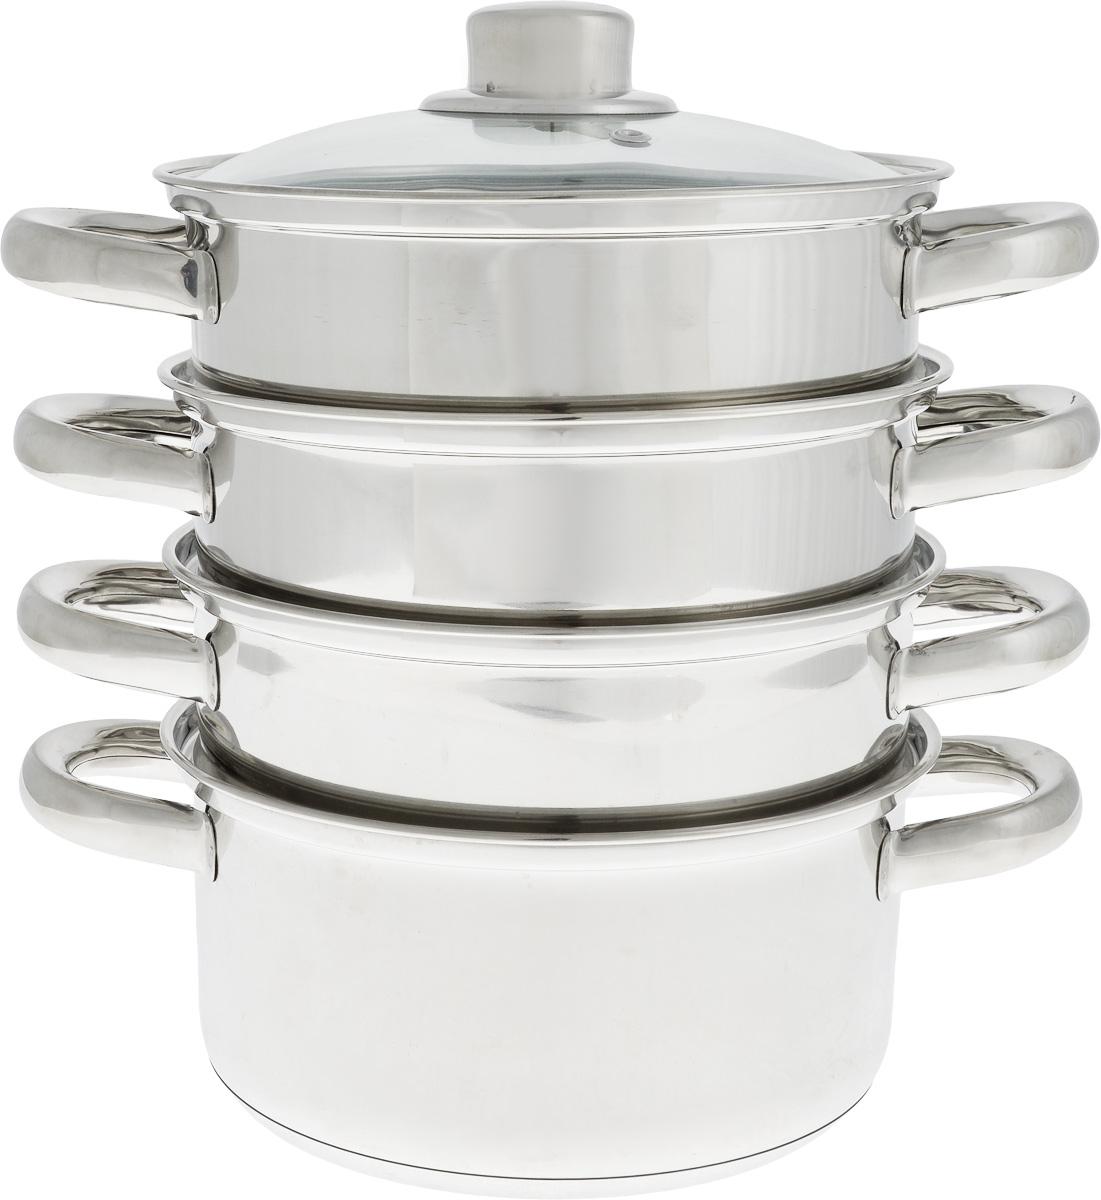 Кастрюля-пароварка  Bohmann , с крышкой, 4-уровневая, 2,5 л - Посуда для приготовления